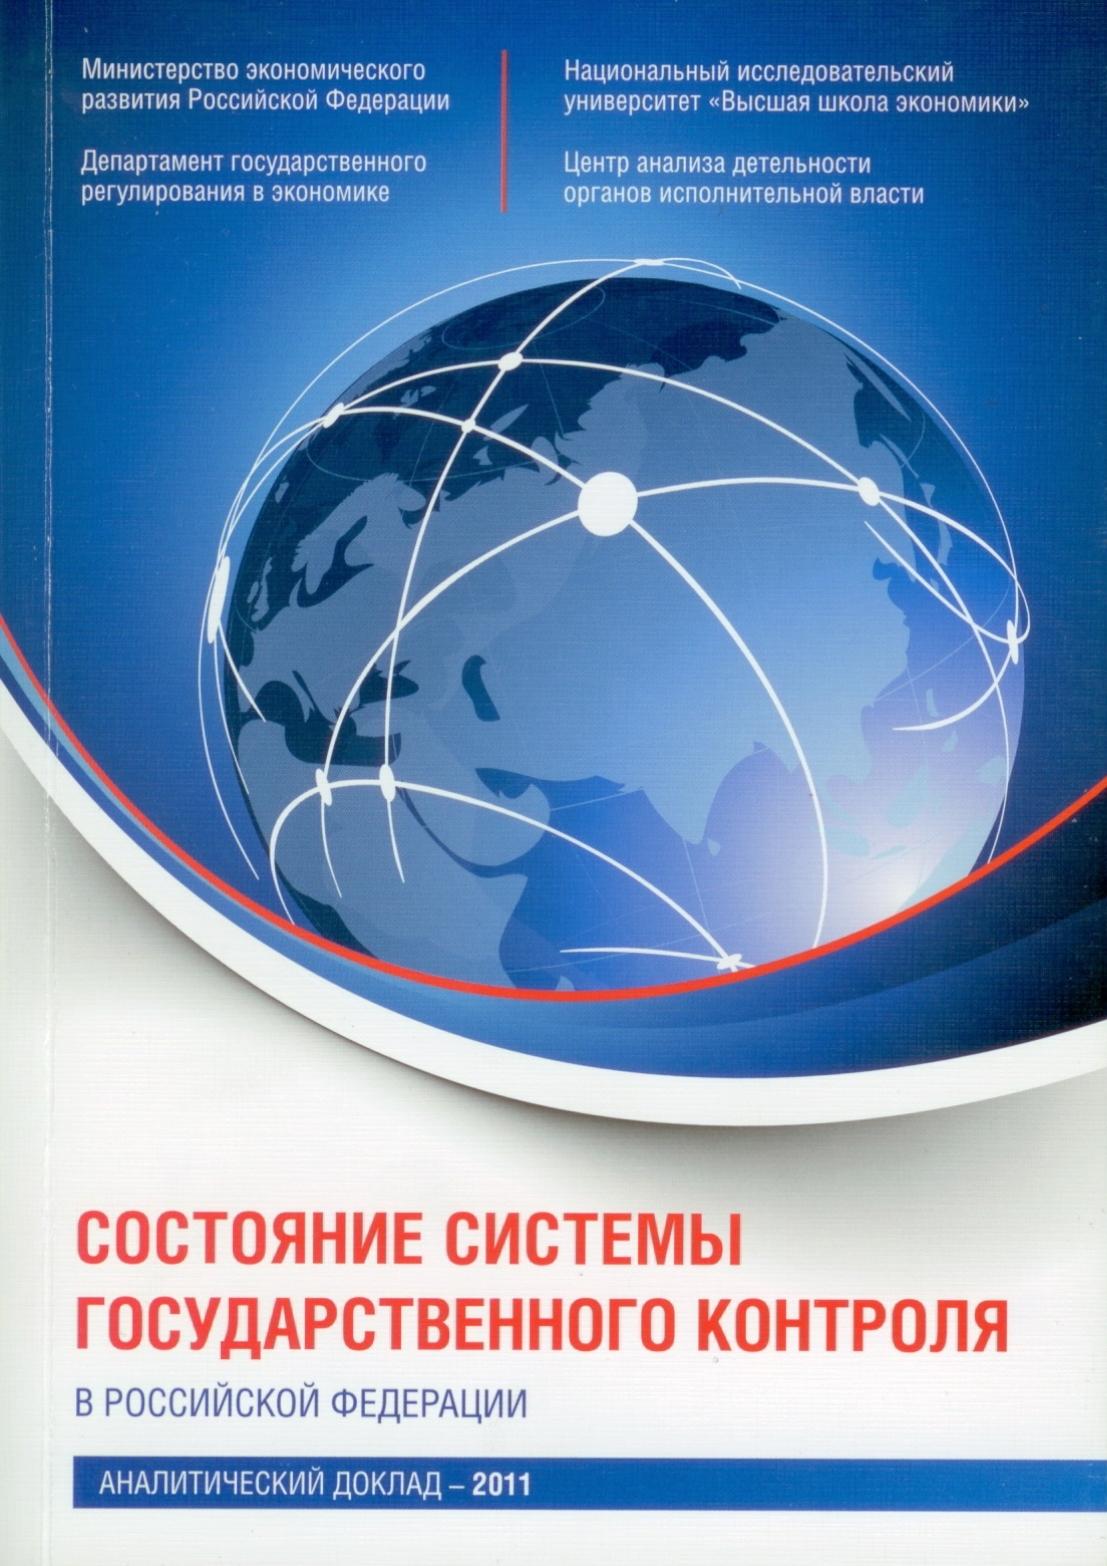 Состояние системы государственного контроля в Российской Федерации: Аналитический доклад - 2011